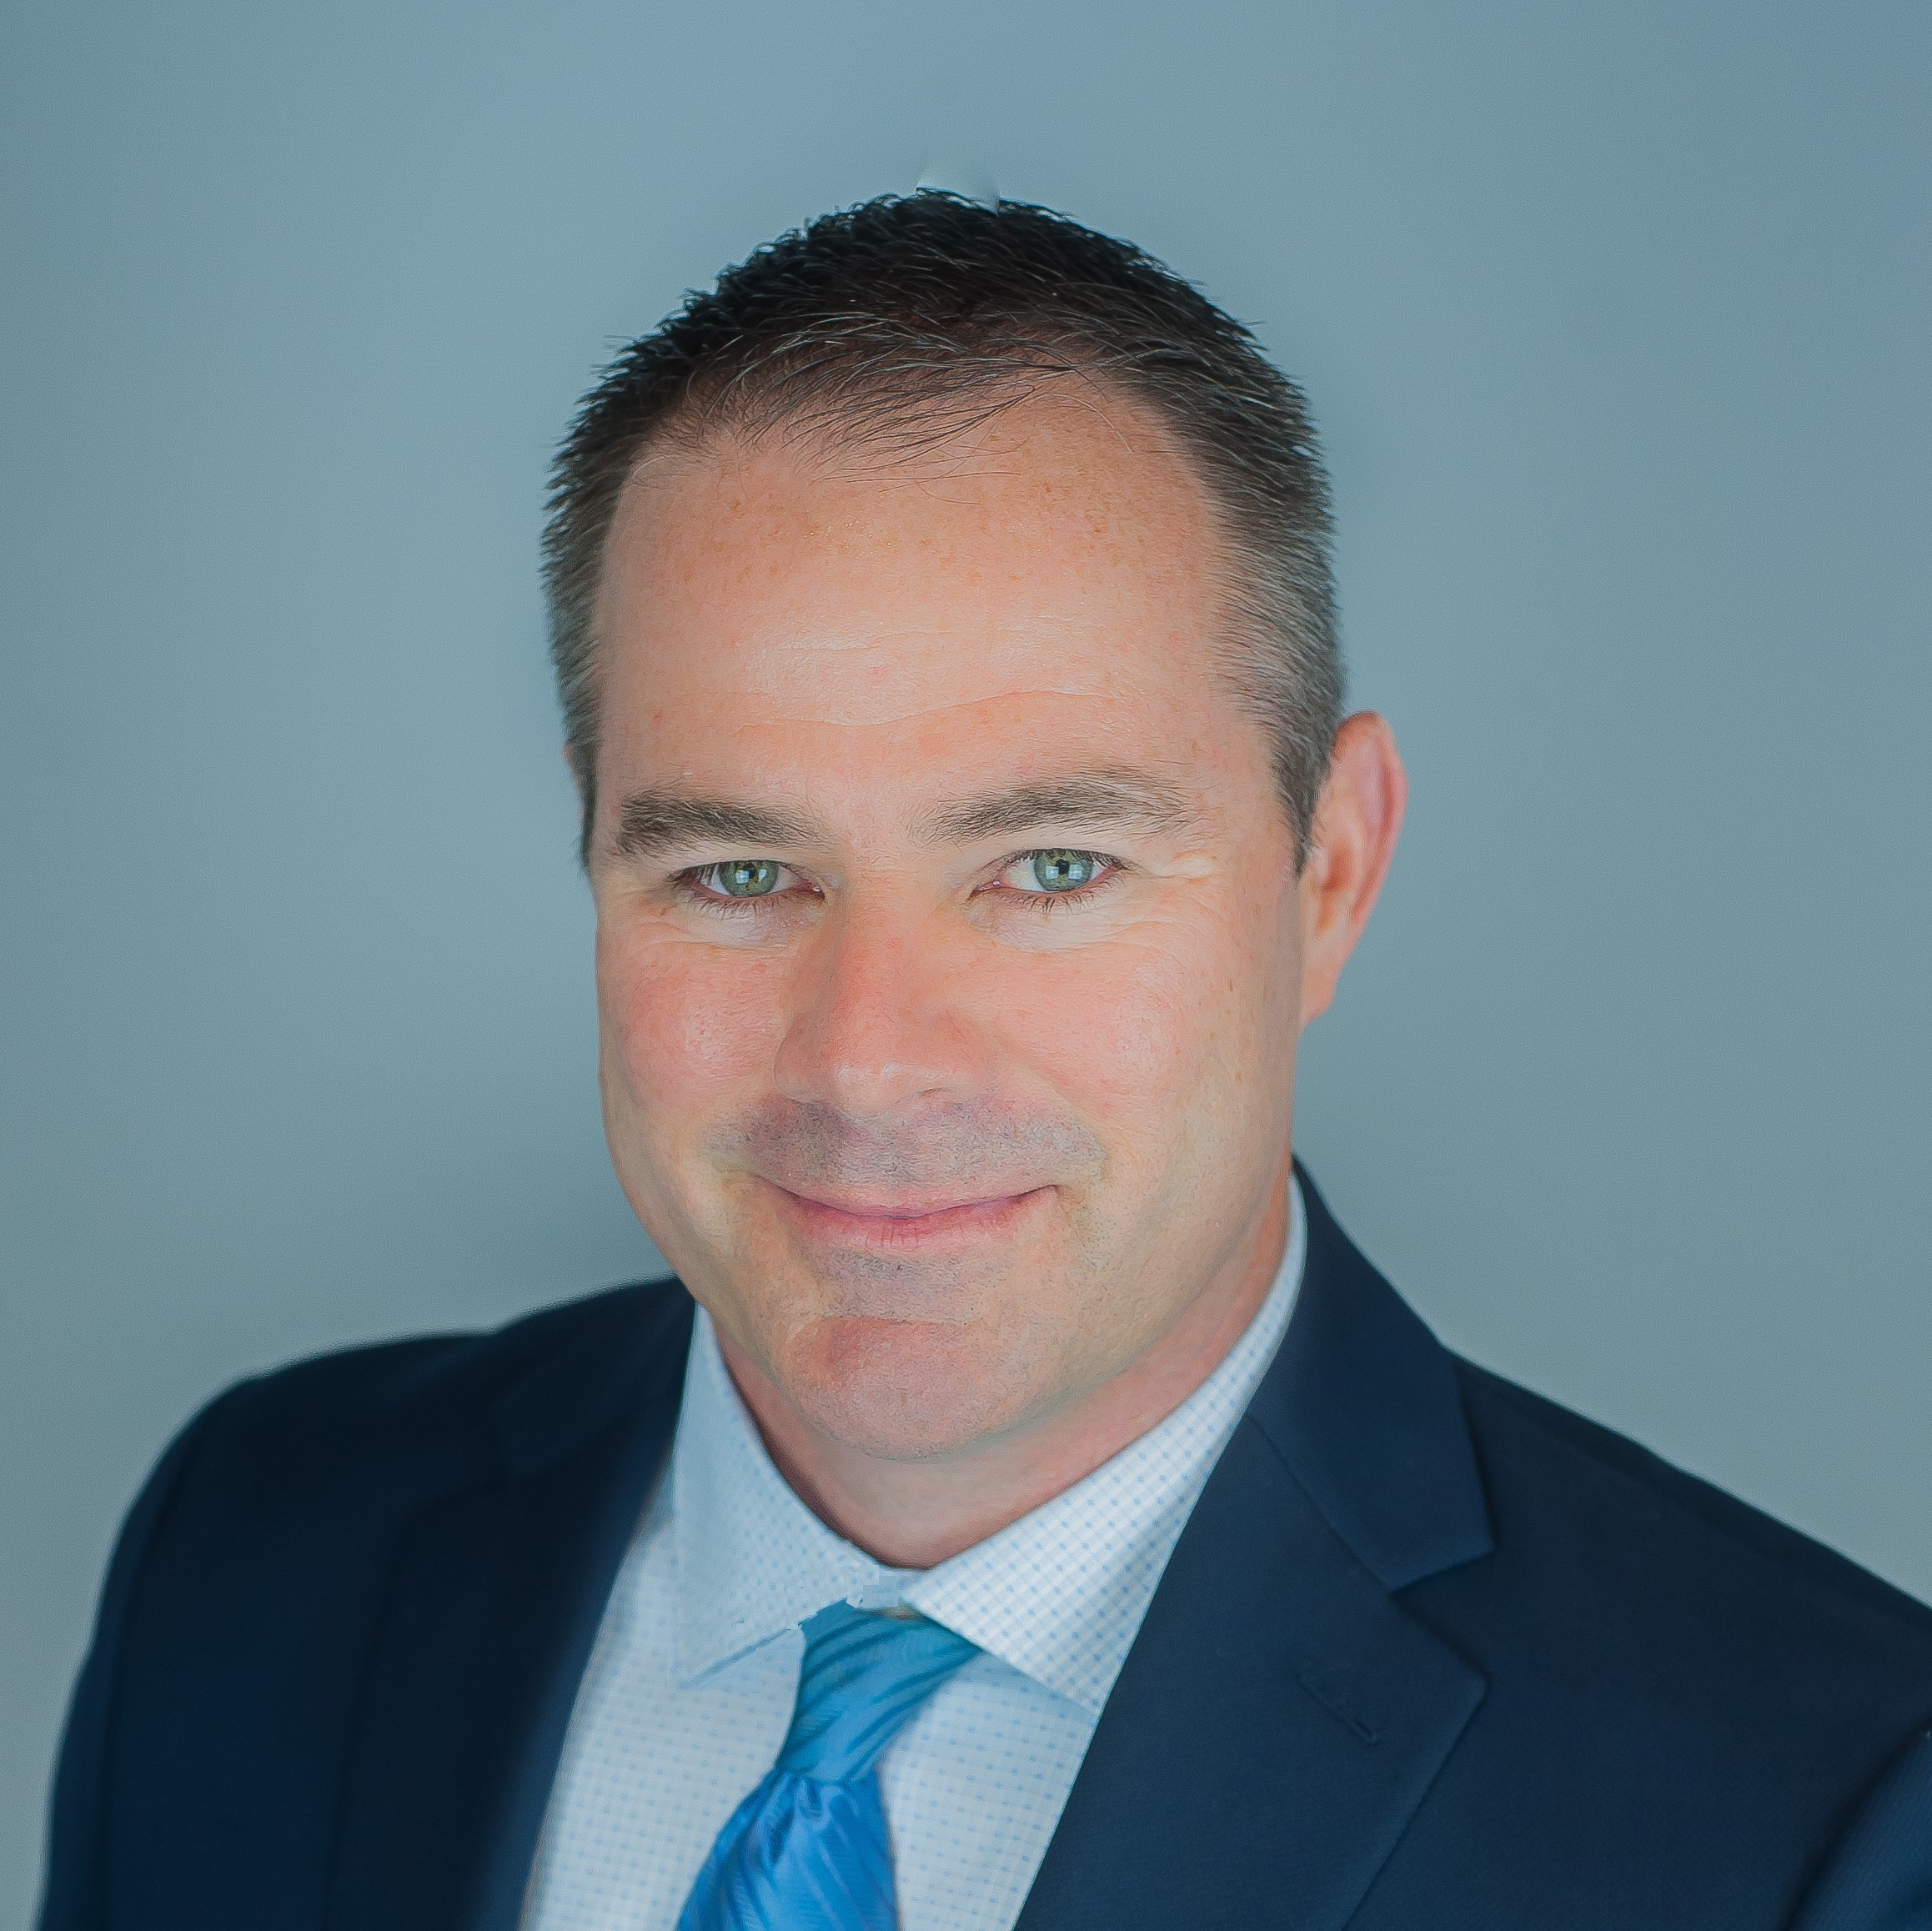 Craig Goodson Headshot